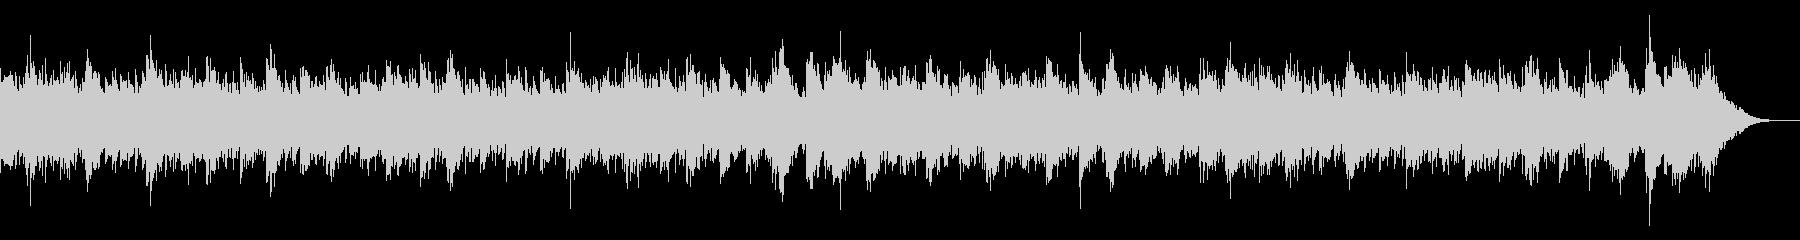 ダンジョン1の未再生の波形